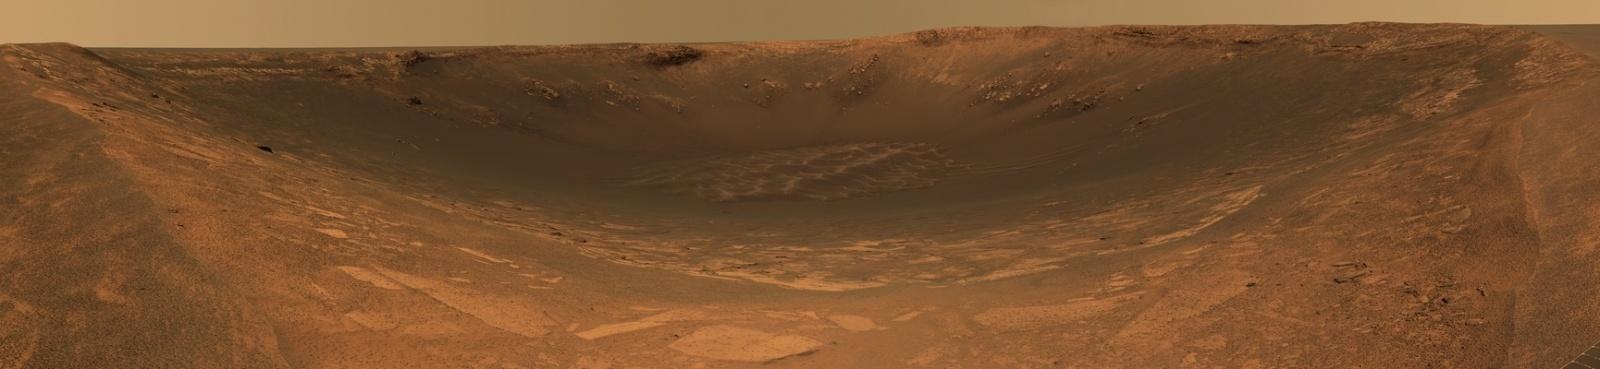 Незаметные «Возможности» в изучении Марса - 11